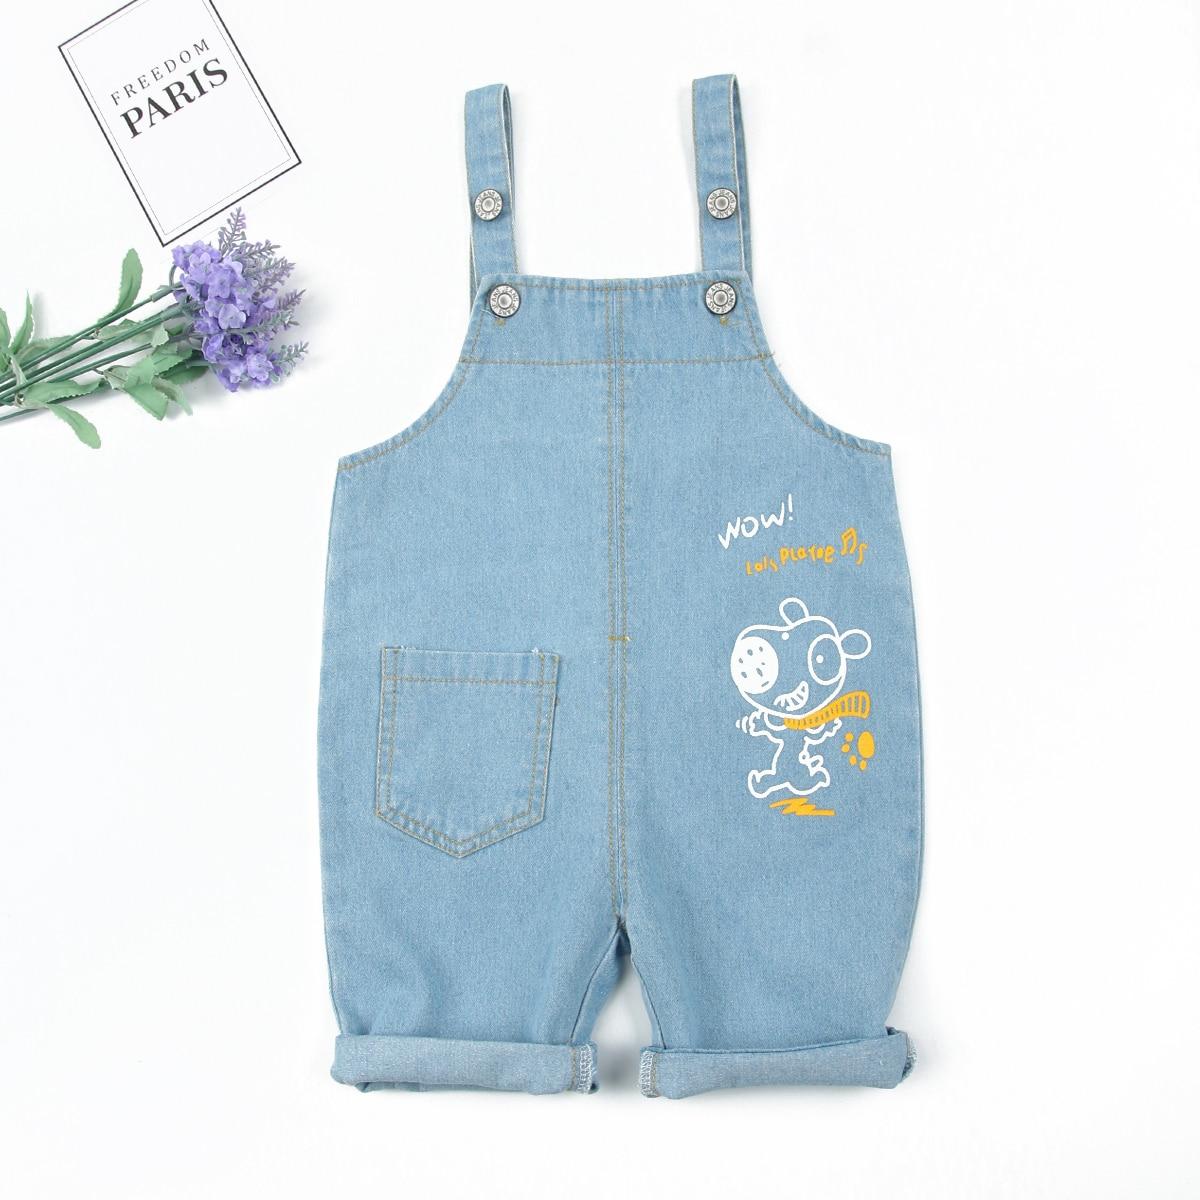 Джинсовый комбинезон с оригинальным принтом без футболки для мальчиков от SHEIN